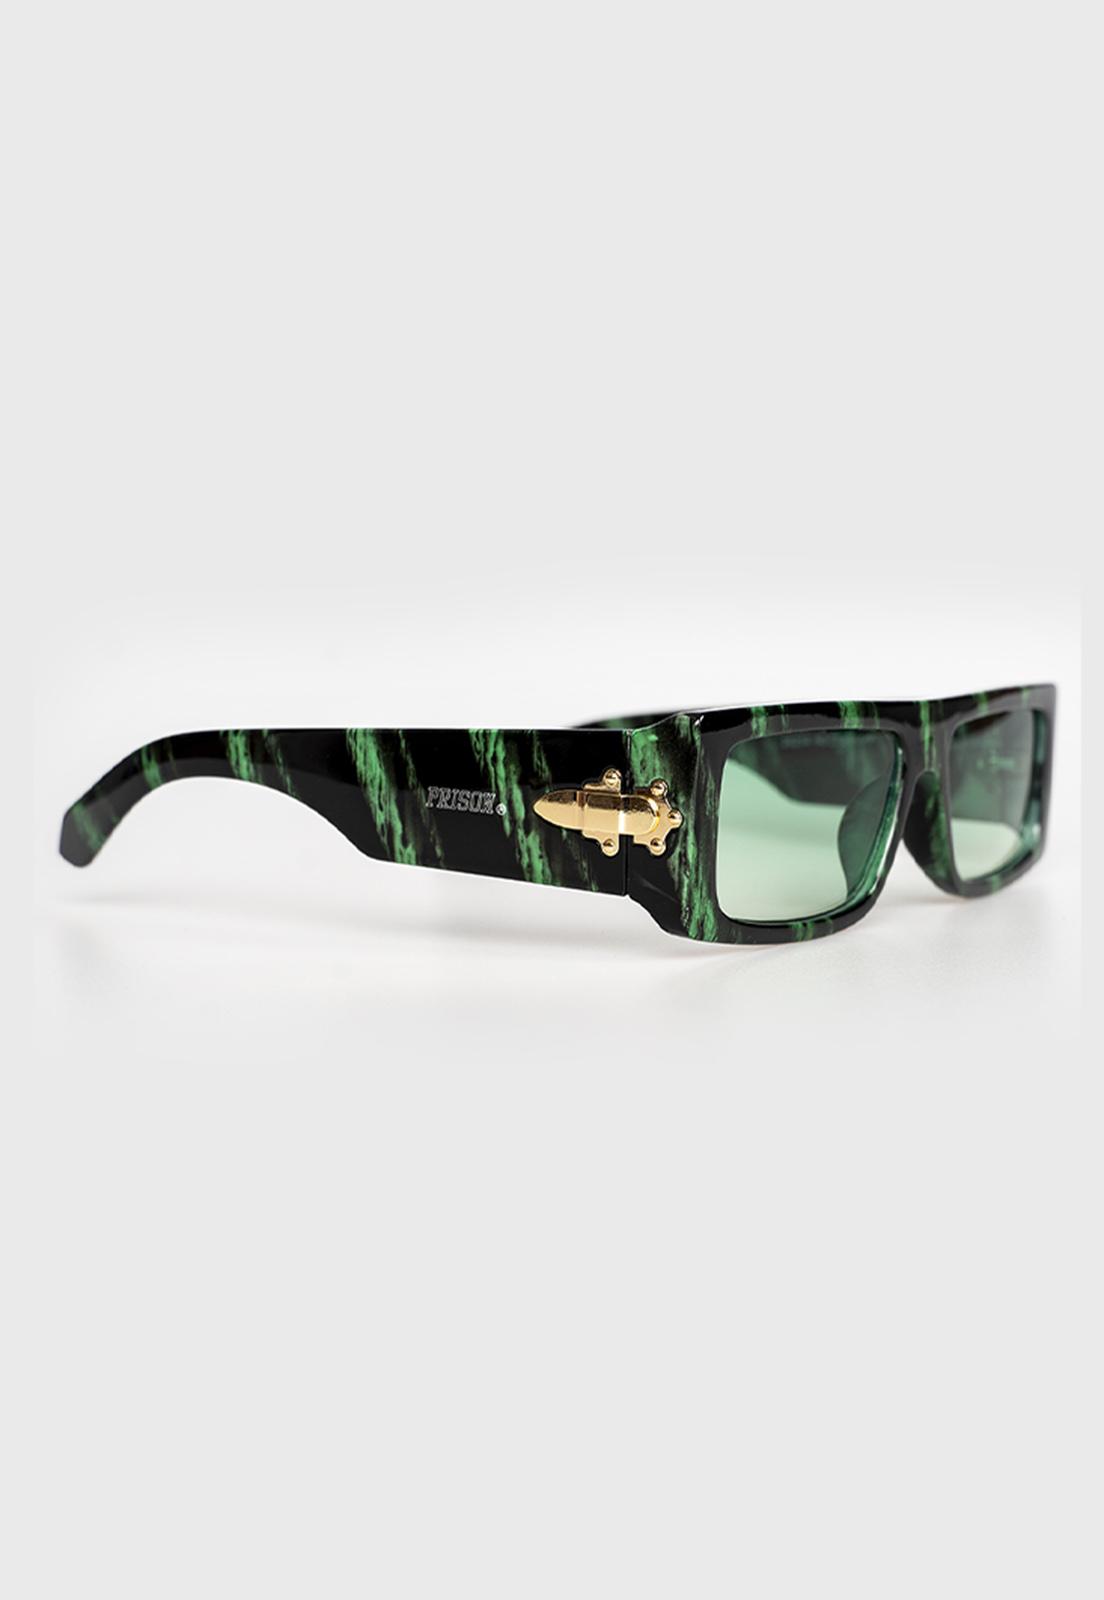 Óculos de sol Quadrado Prison Evolution Kryptonite